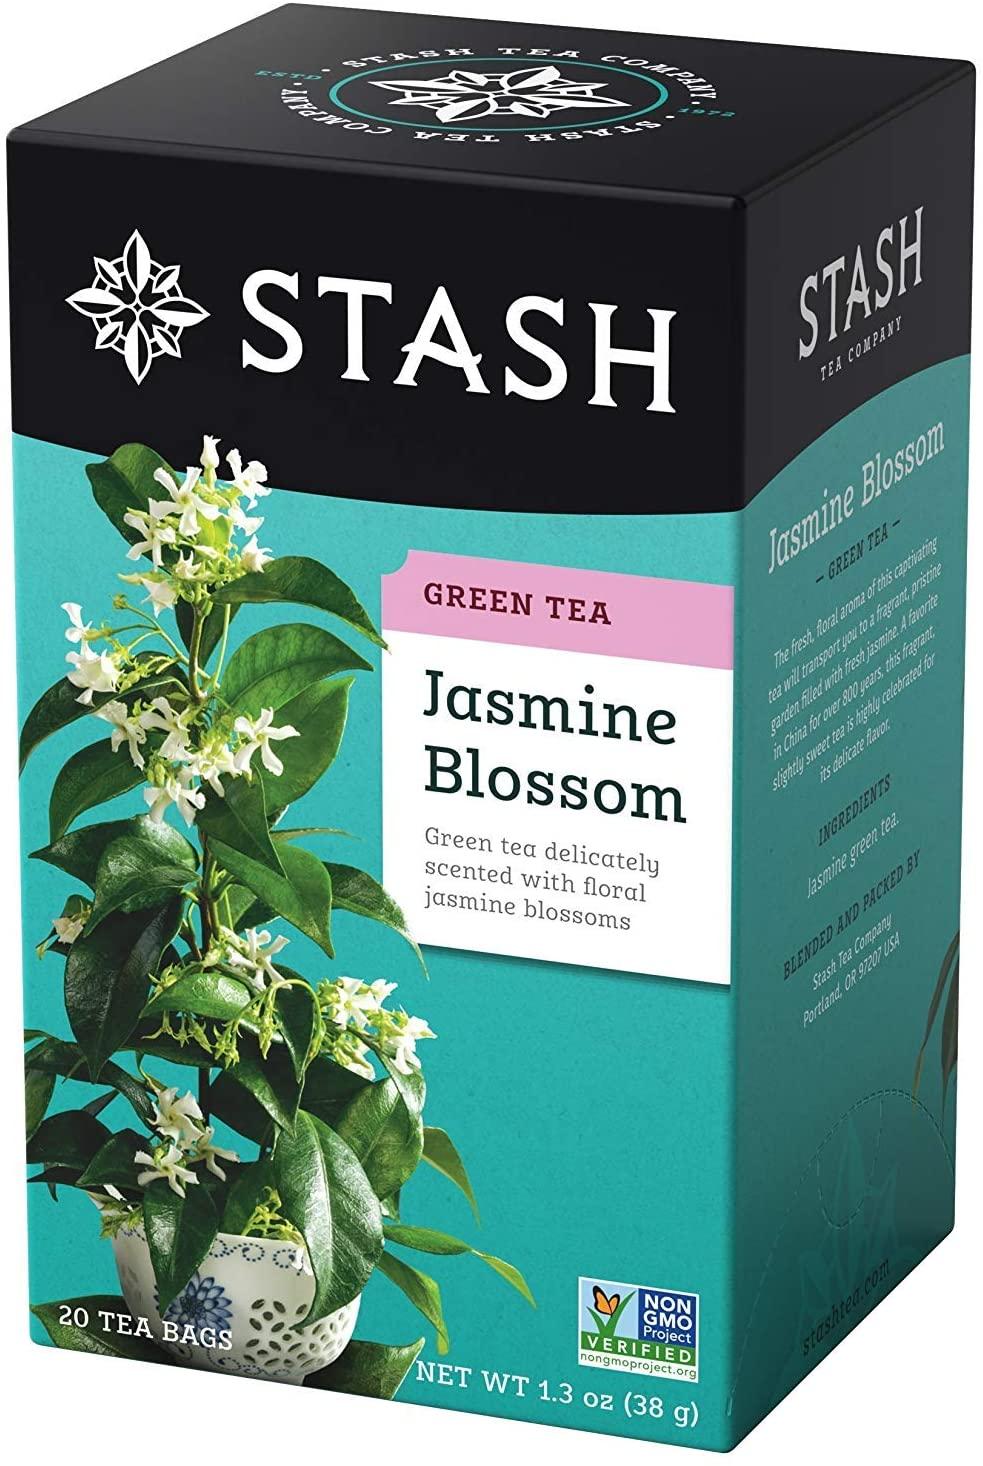 Stash Premium Green Tea Jasmine Blossom - 18 Tea Bags